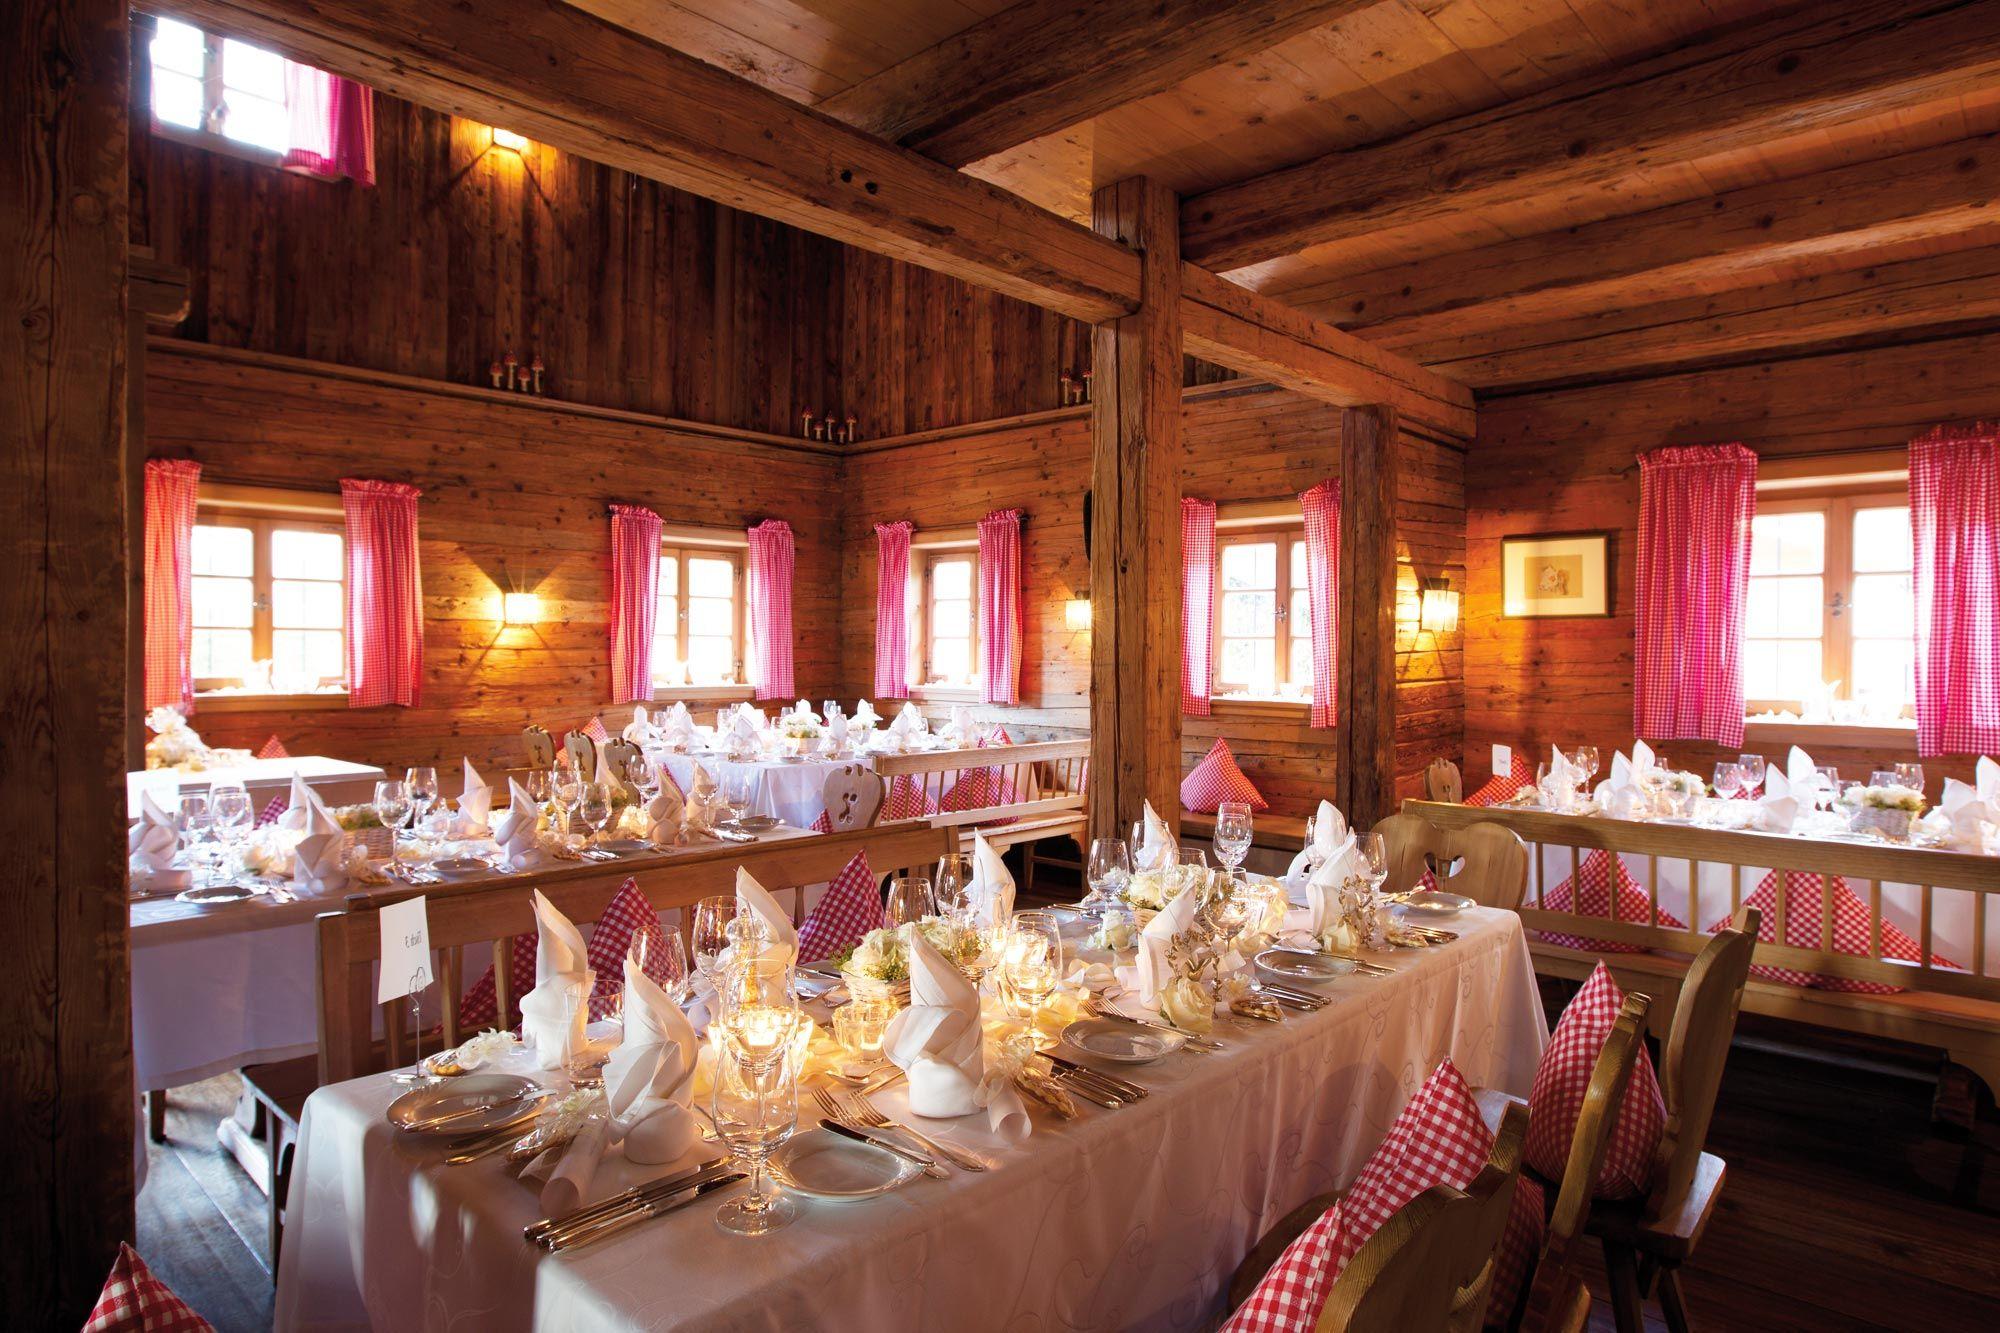 Hotel Egerner Alm Http Www Egerner Hoefe De De Egerner Hoefe Ihr 5 Sterne Hotel In Rottach Egern Tegernsee Berghochzeit Hochzeitslocation Heiraten